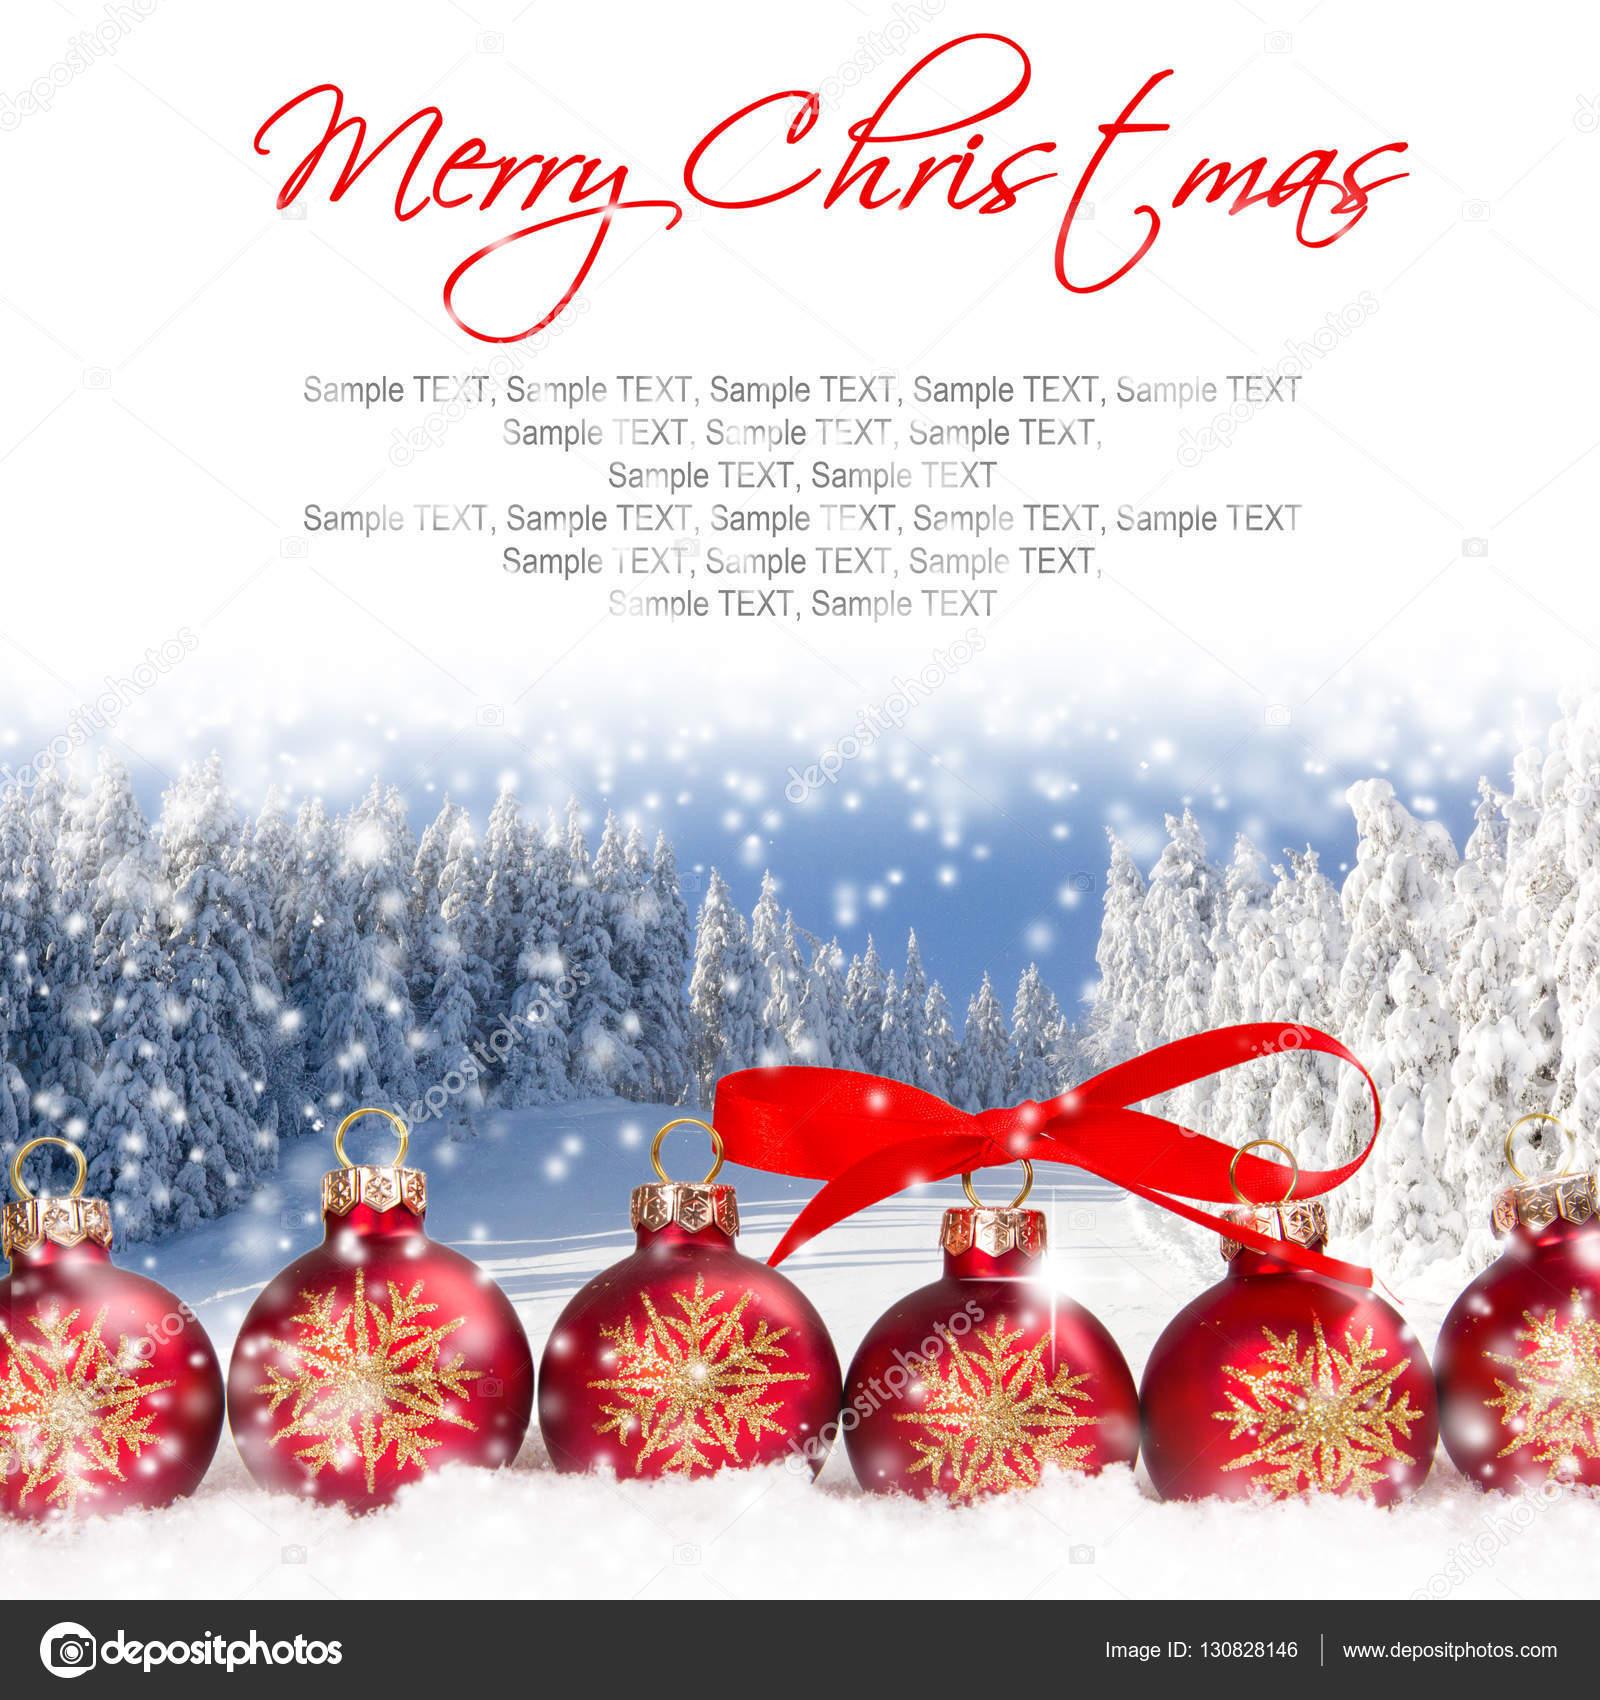 weihnachten kugeln hintergrund — Stockfoto © lindavostrovska #130828146